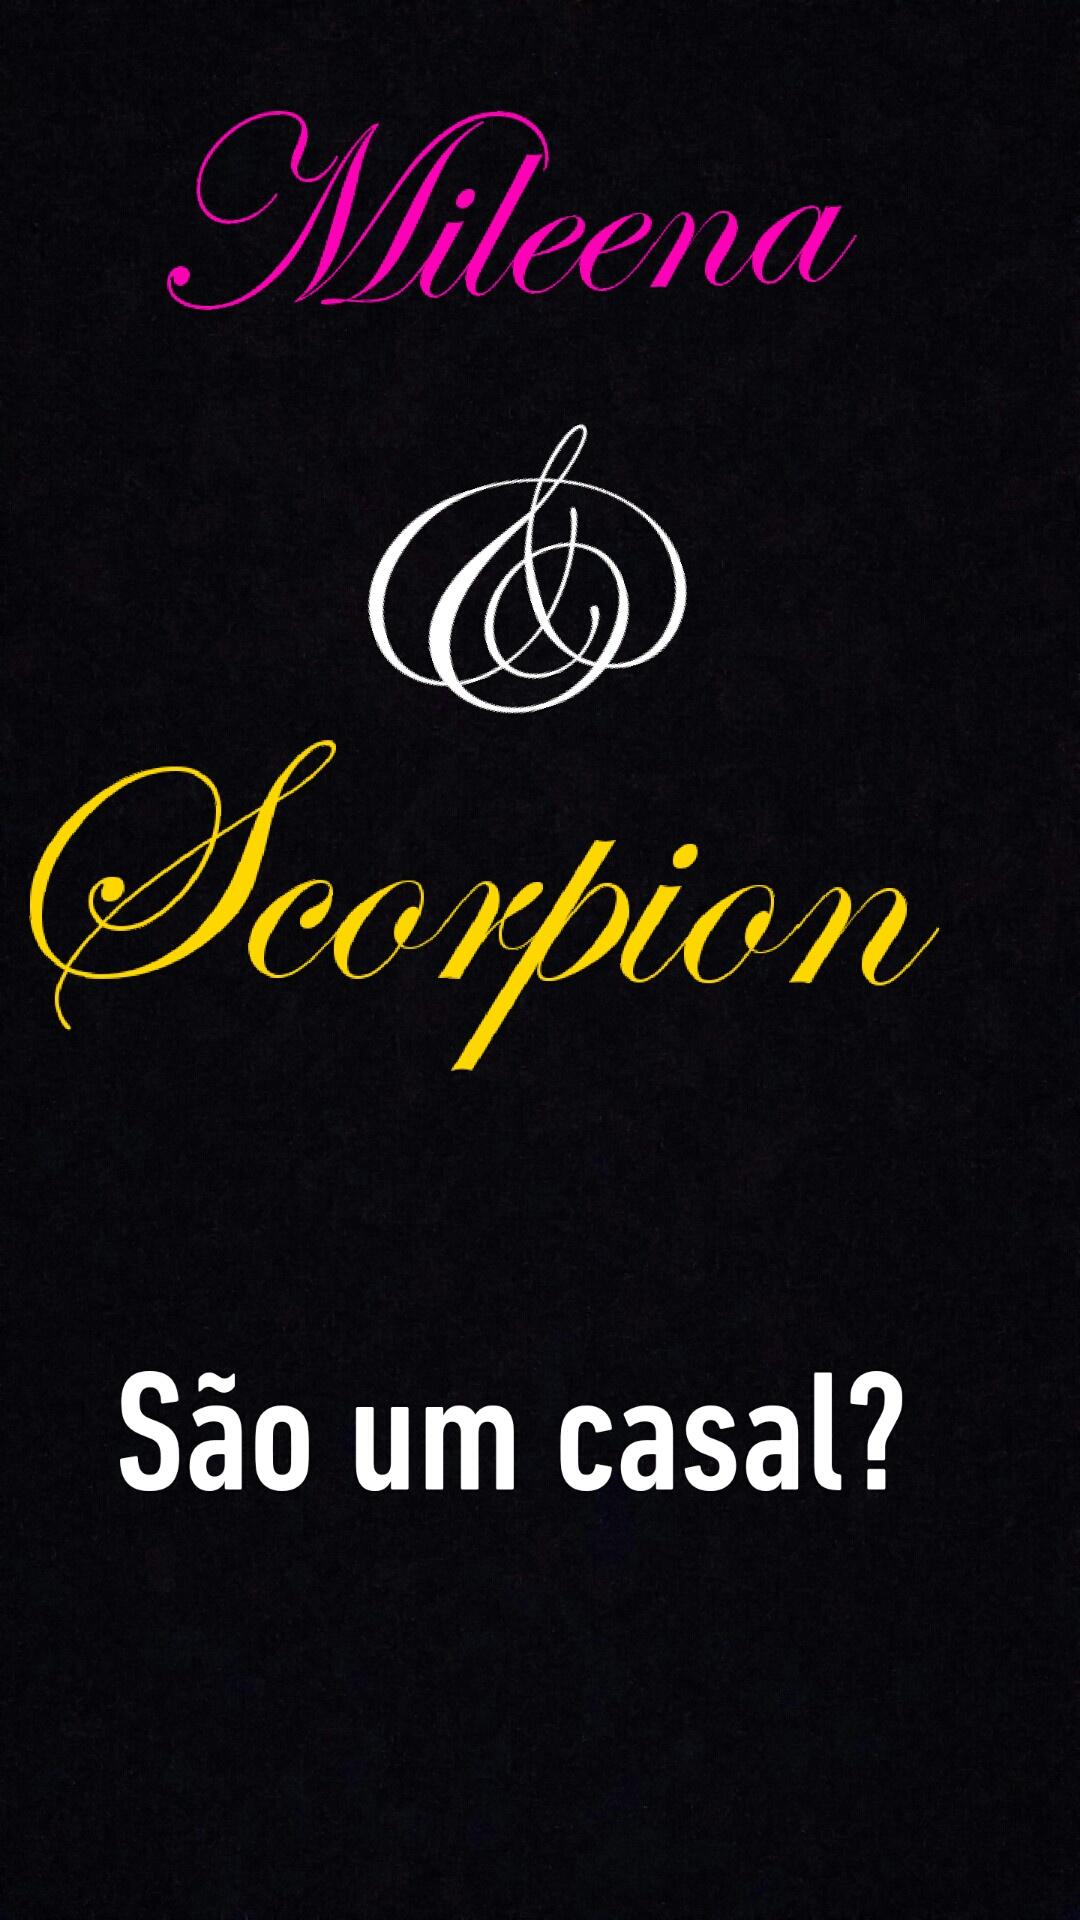 Mileena e Scorpion são um casal?